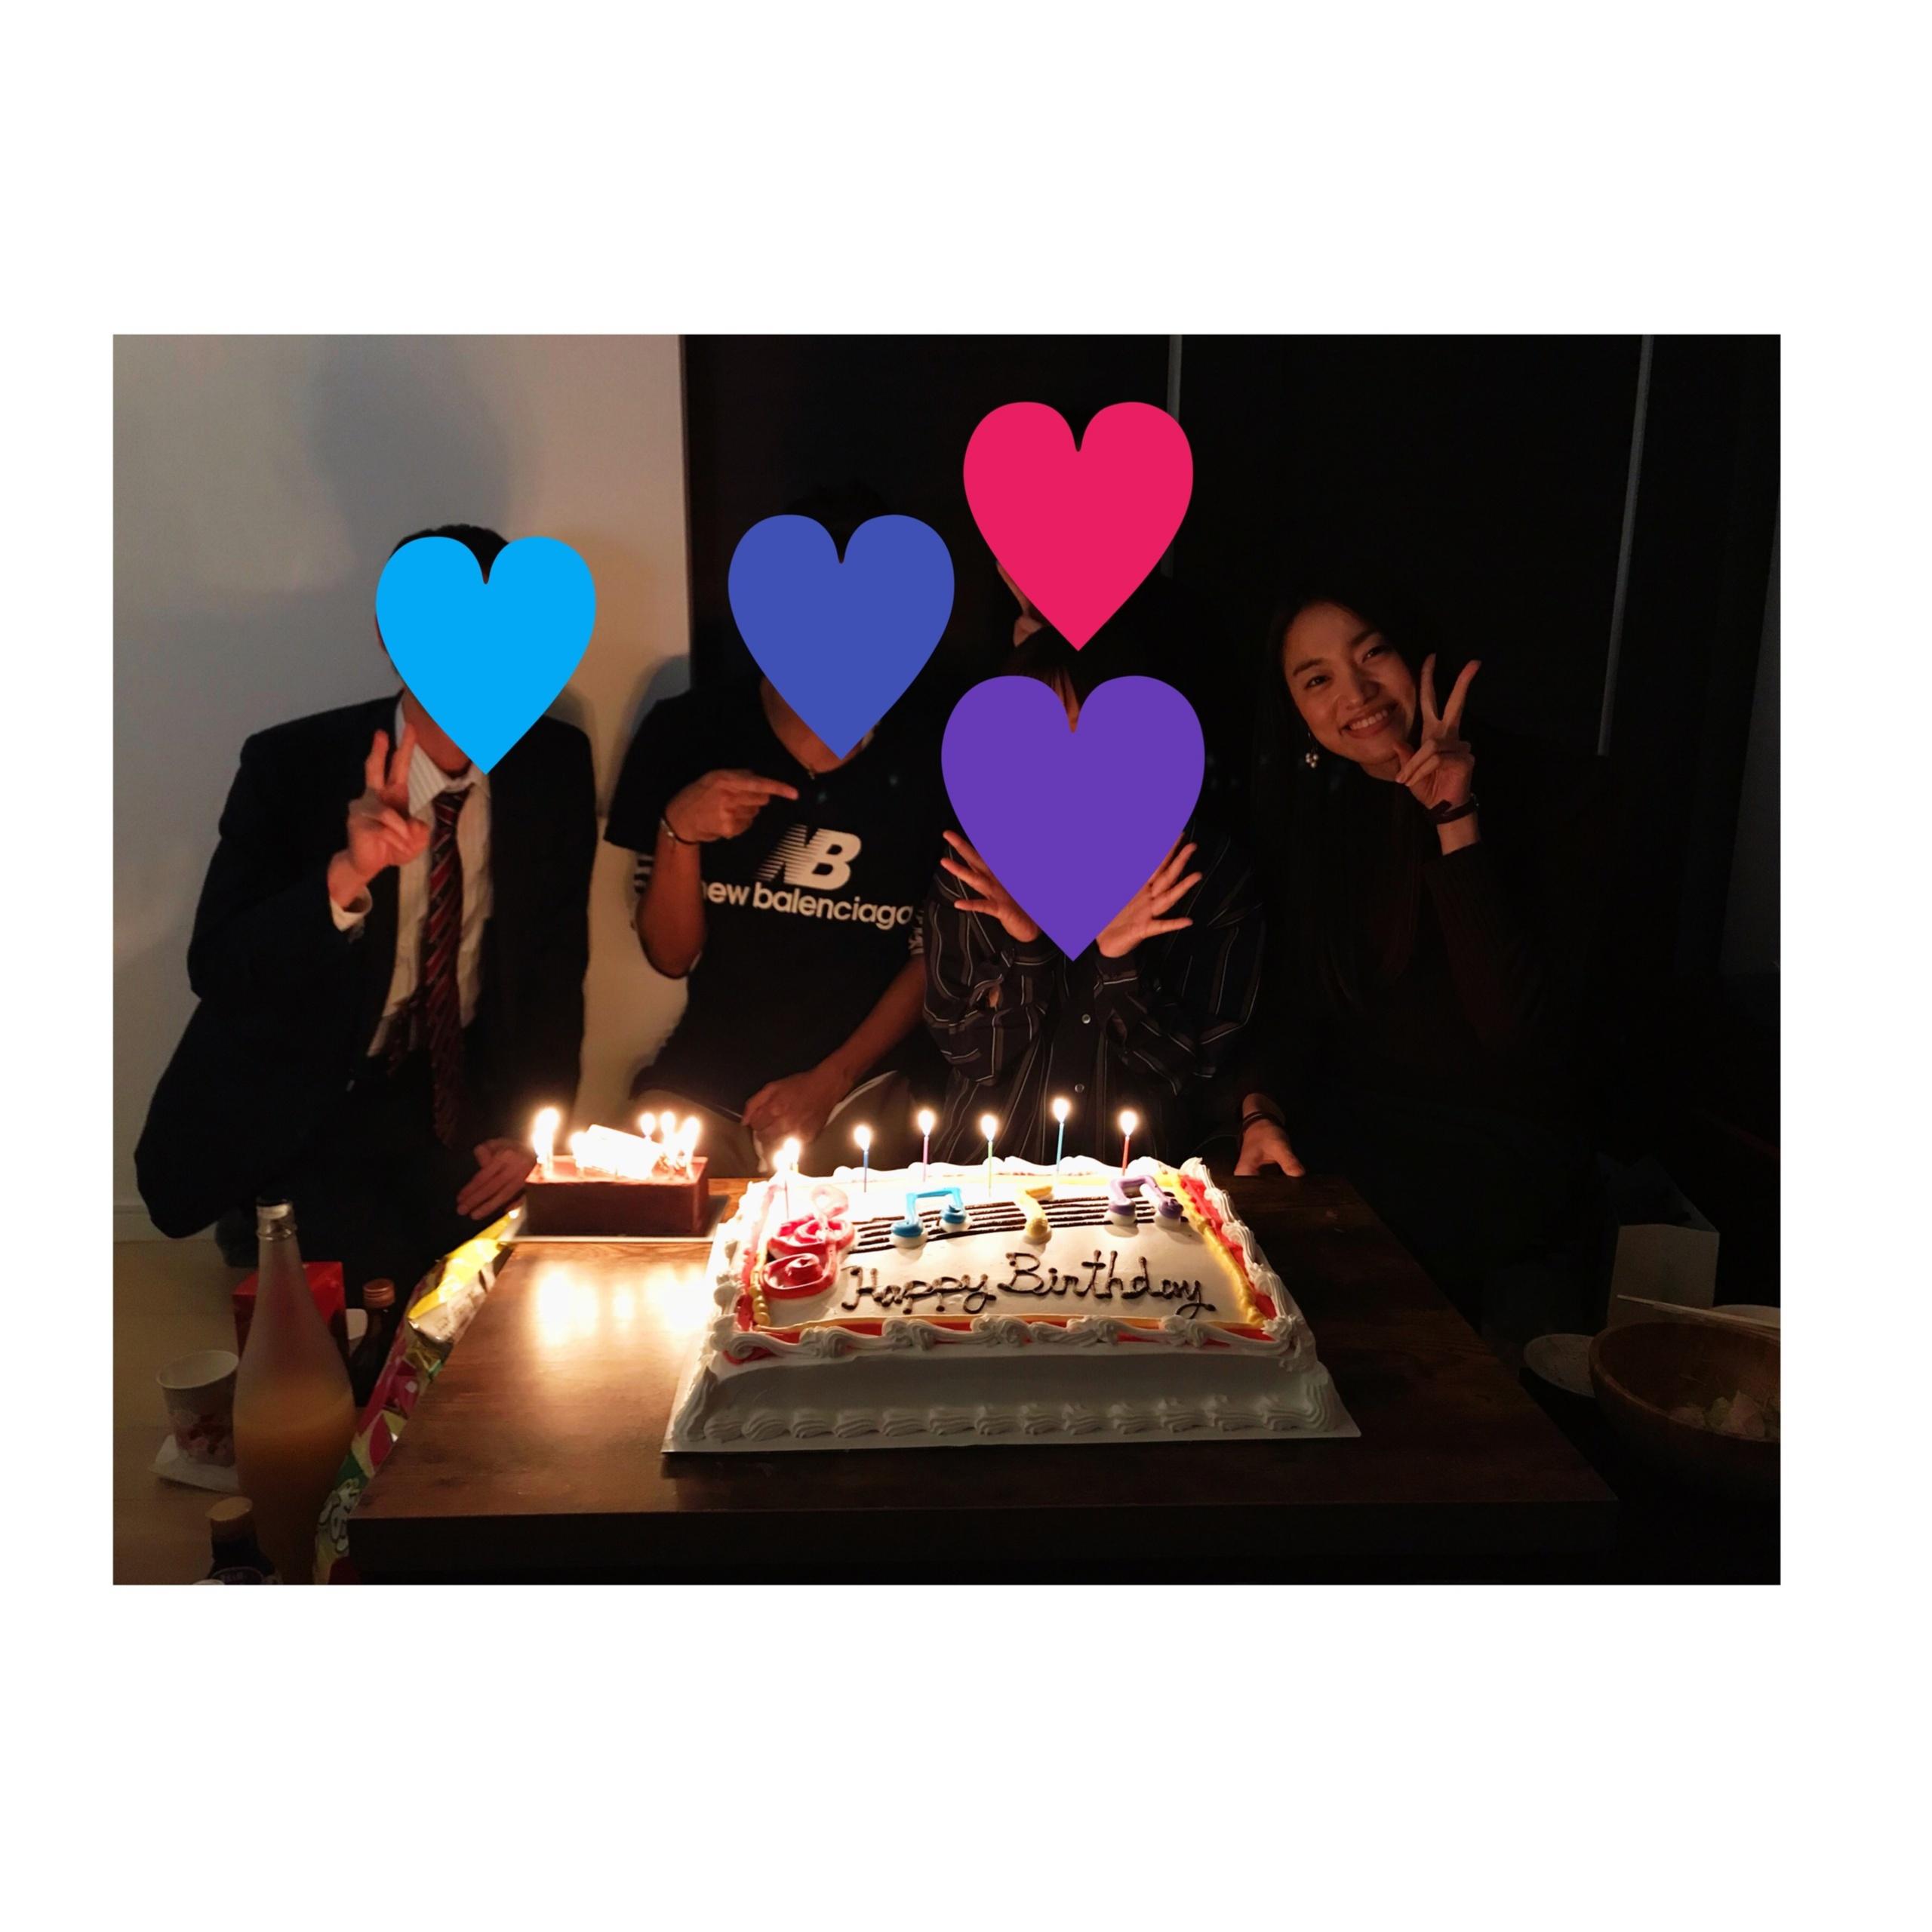 《インパクト大!★》【コストコ】の特大ケーキで誕生日のお祝いをしました❤️_2